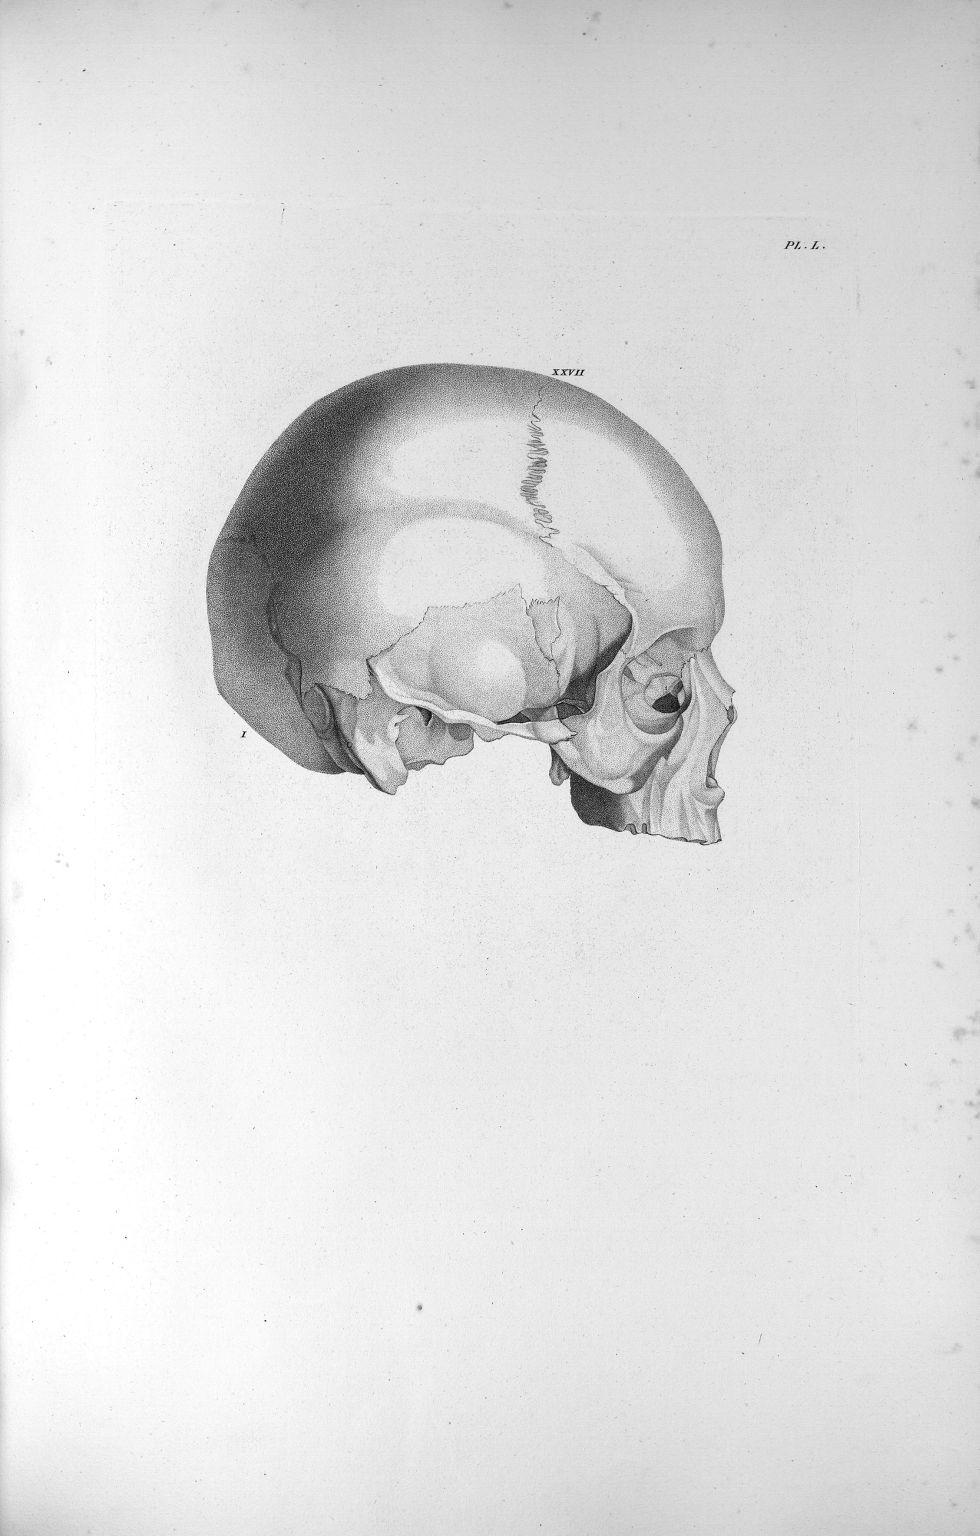 Pl. L. Crâne très-petit d'une dévote superstitieuse et en même temps très-voluptueuse, avec un très- [...] - Anatomie. Neurologie. Crânes. Phrénologie. 19e siècle (France) - med00575xatlasx0060